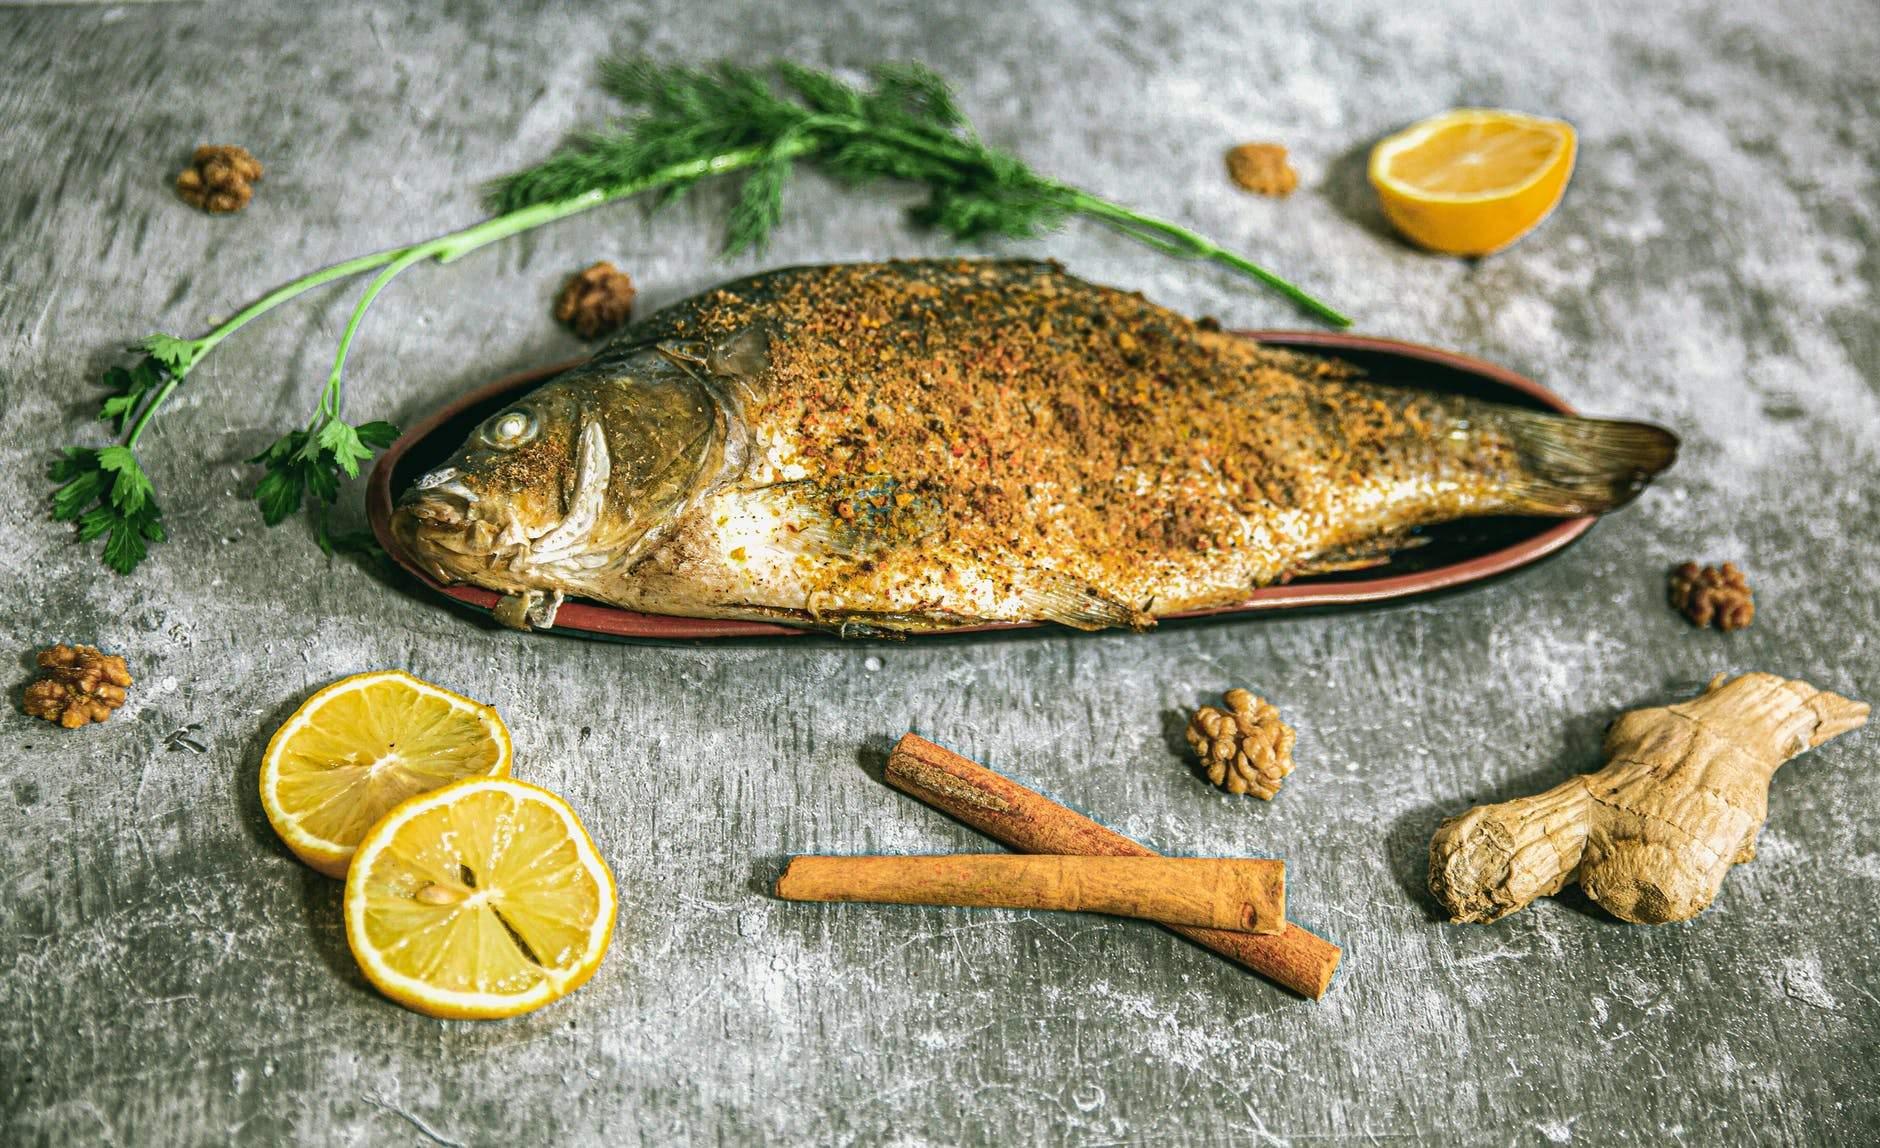 Жирна риба покращує пам'ять